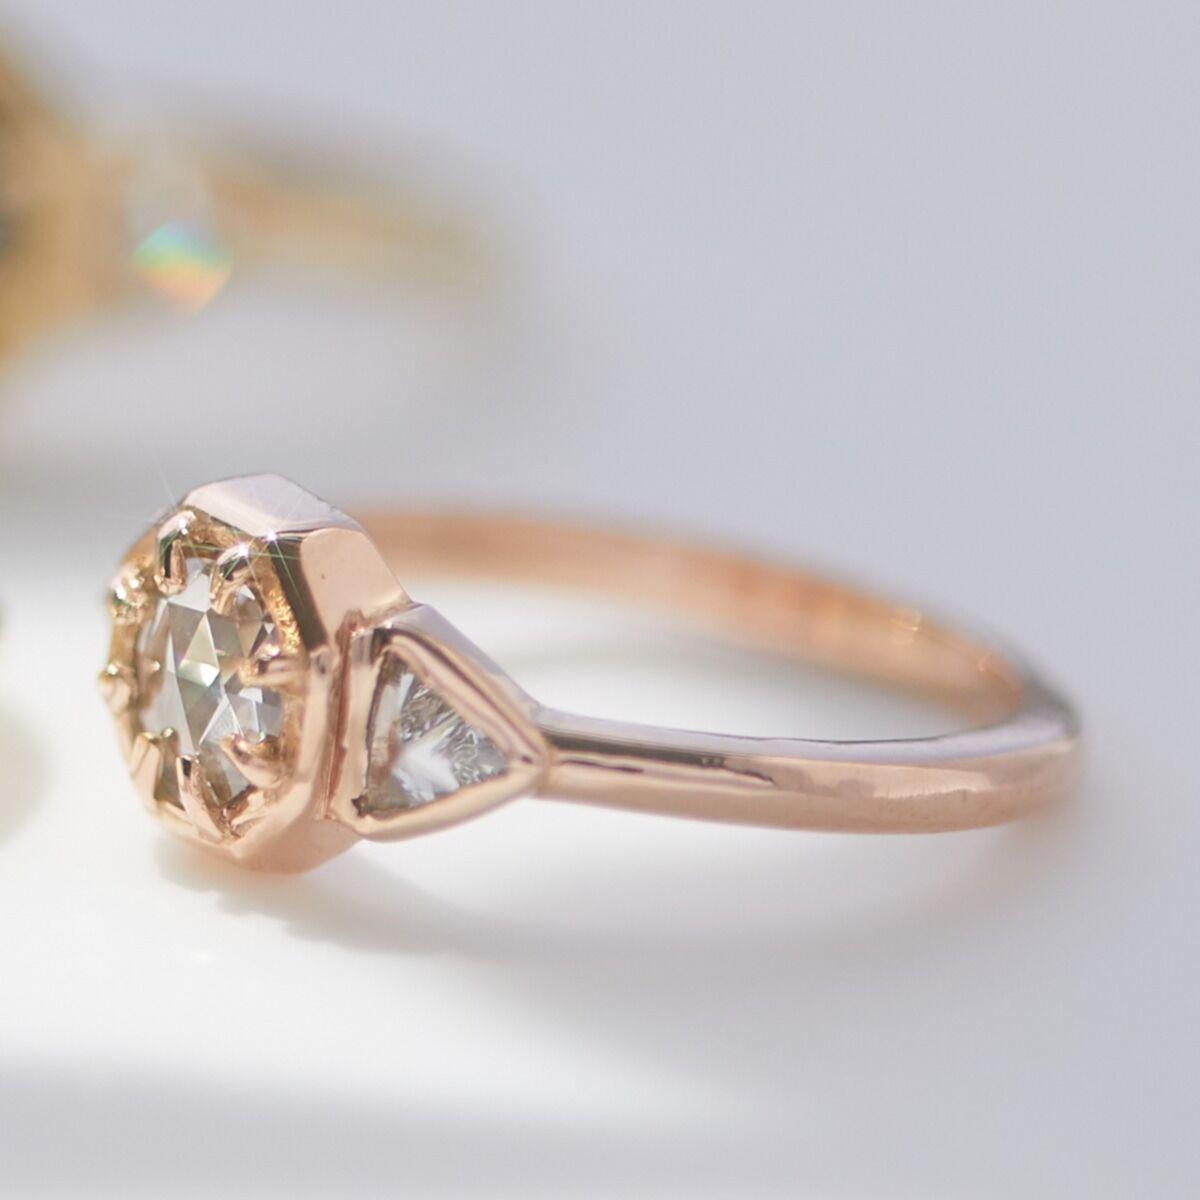 Fausta Ring image